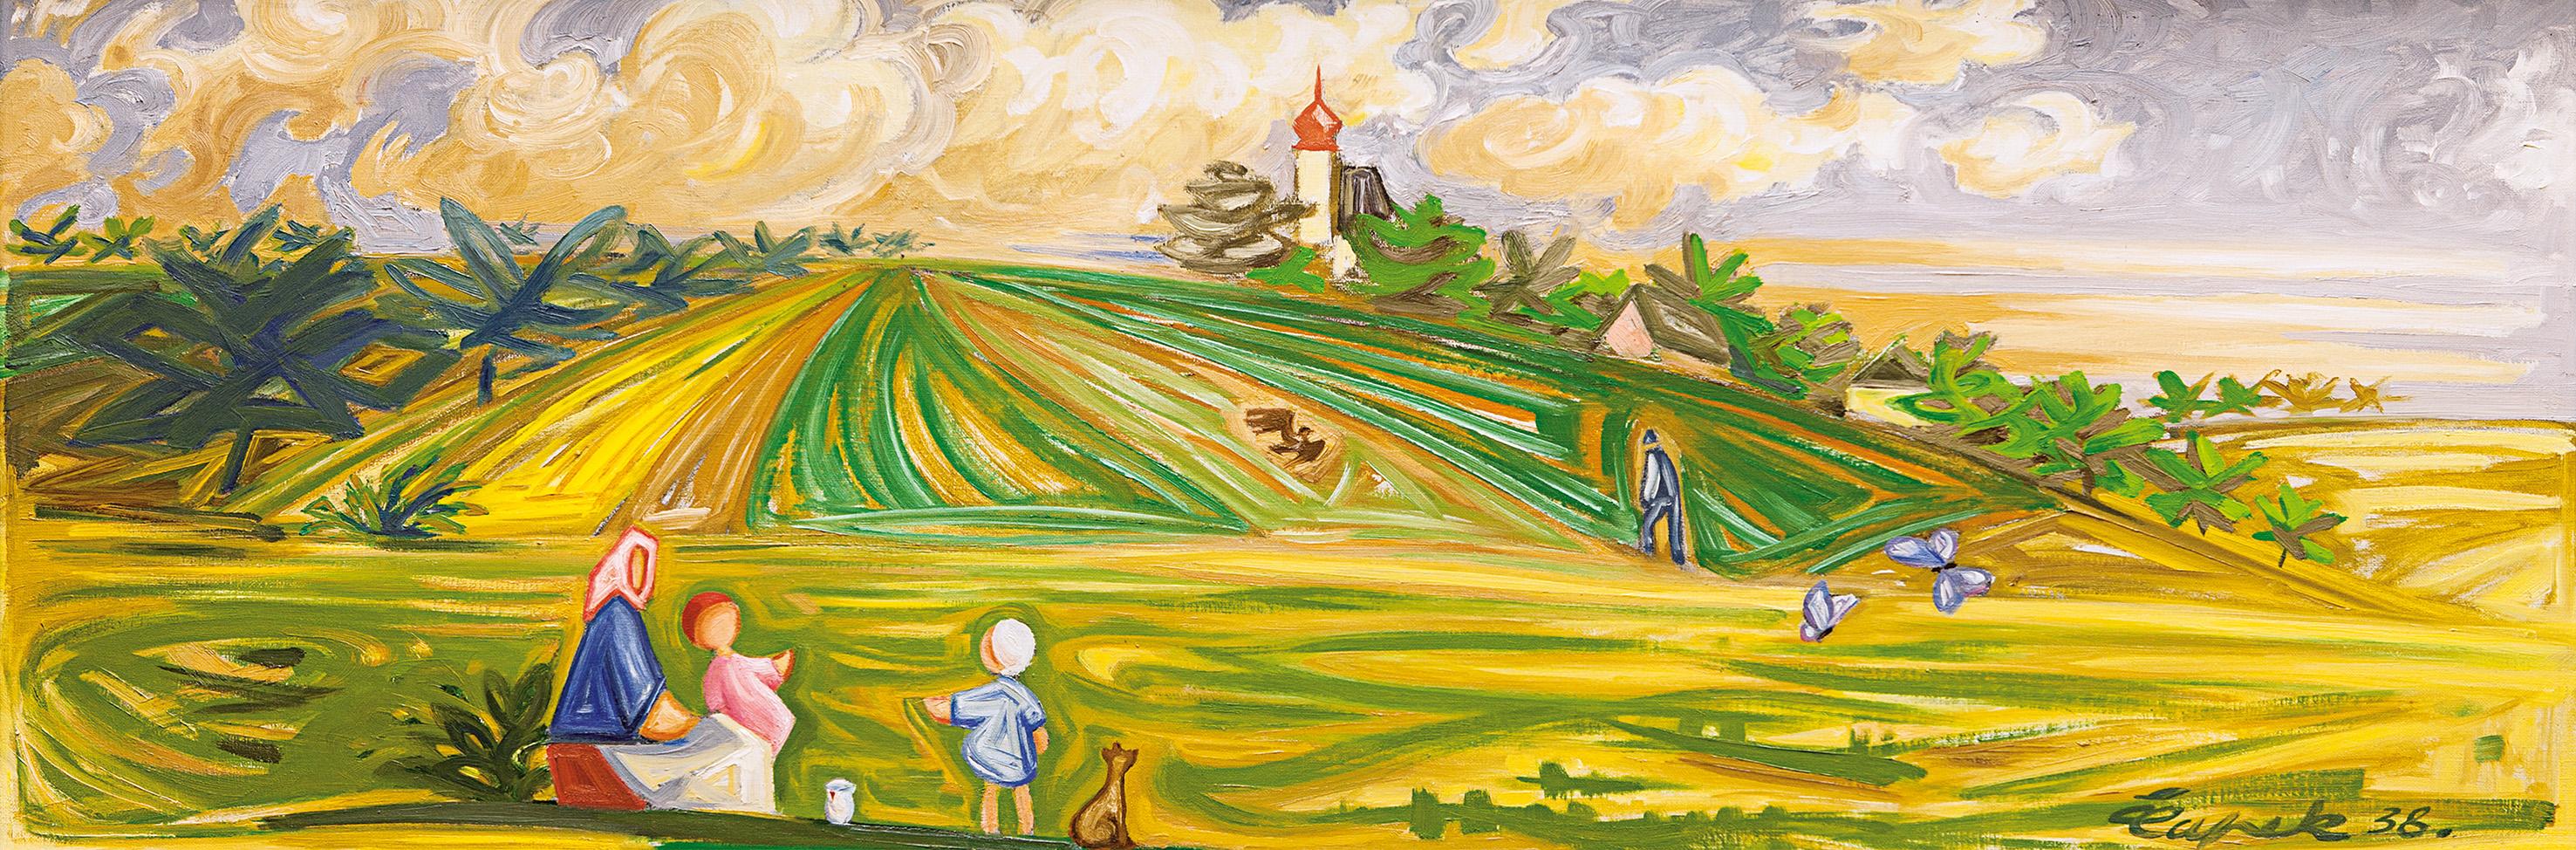 aukce obrazů - aukční síň european arts, aukční síně praha, aukce obrazů Josef Čapek